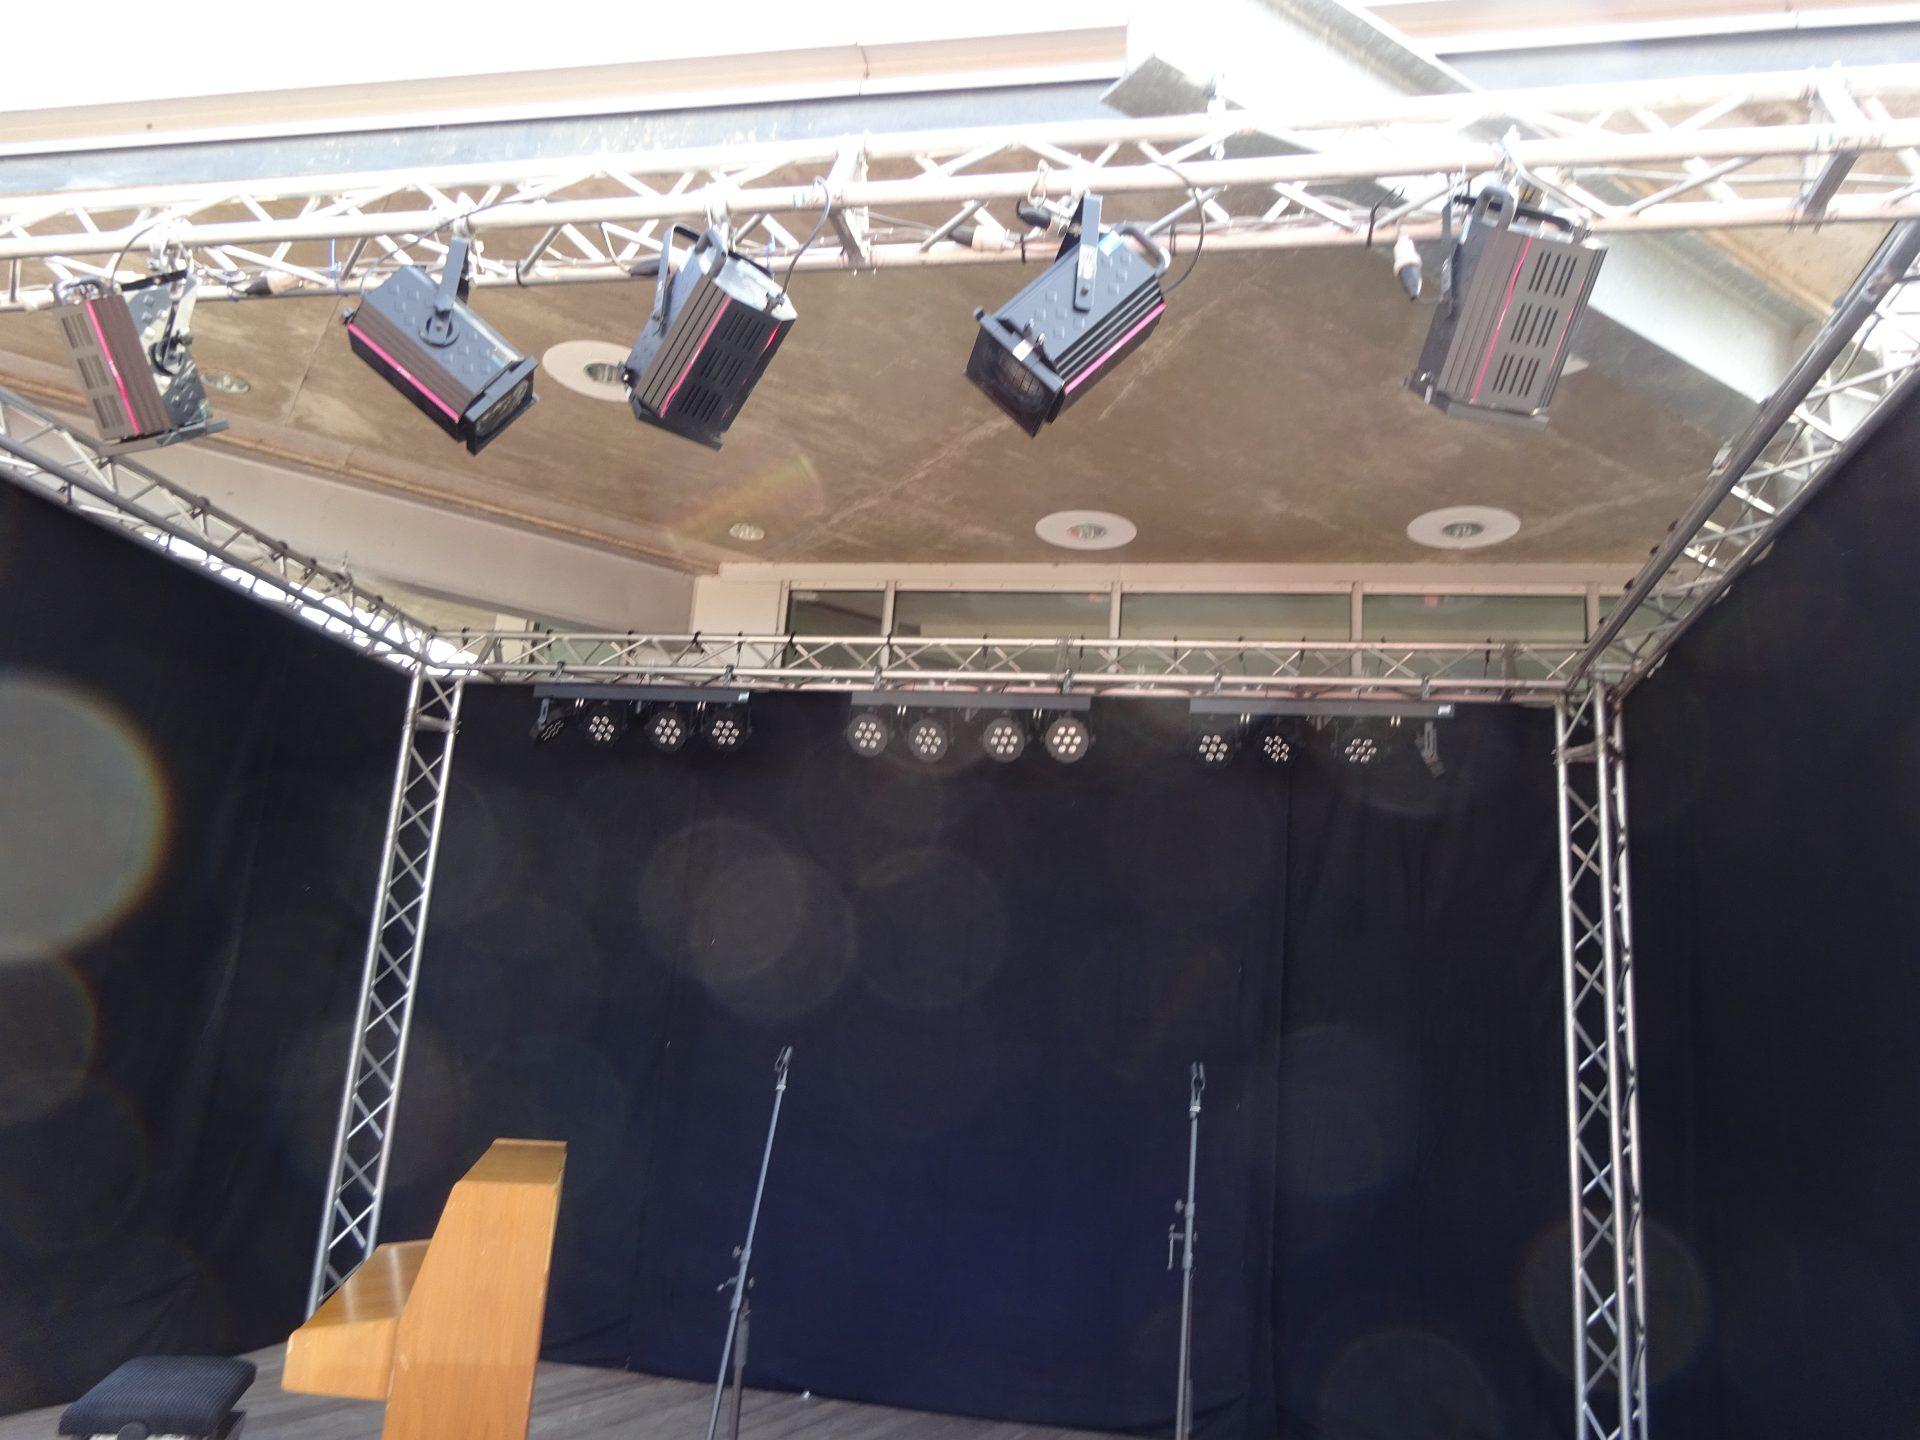 Scheinwerfer in Bühnenumrandung